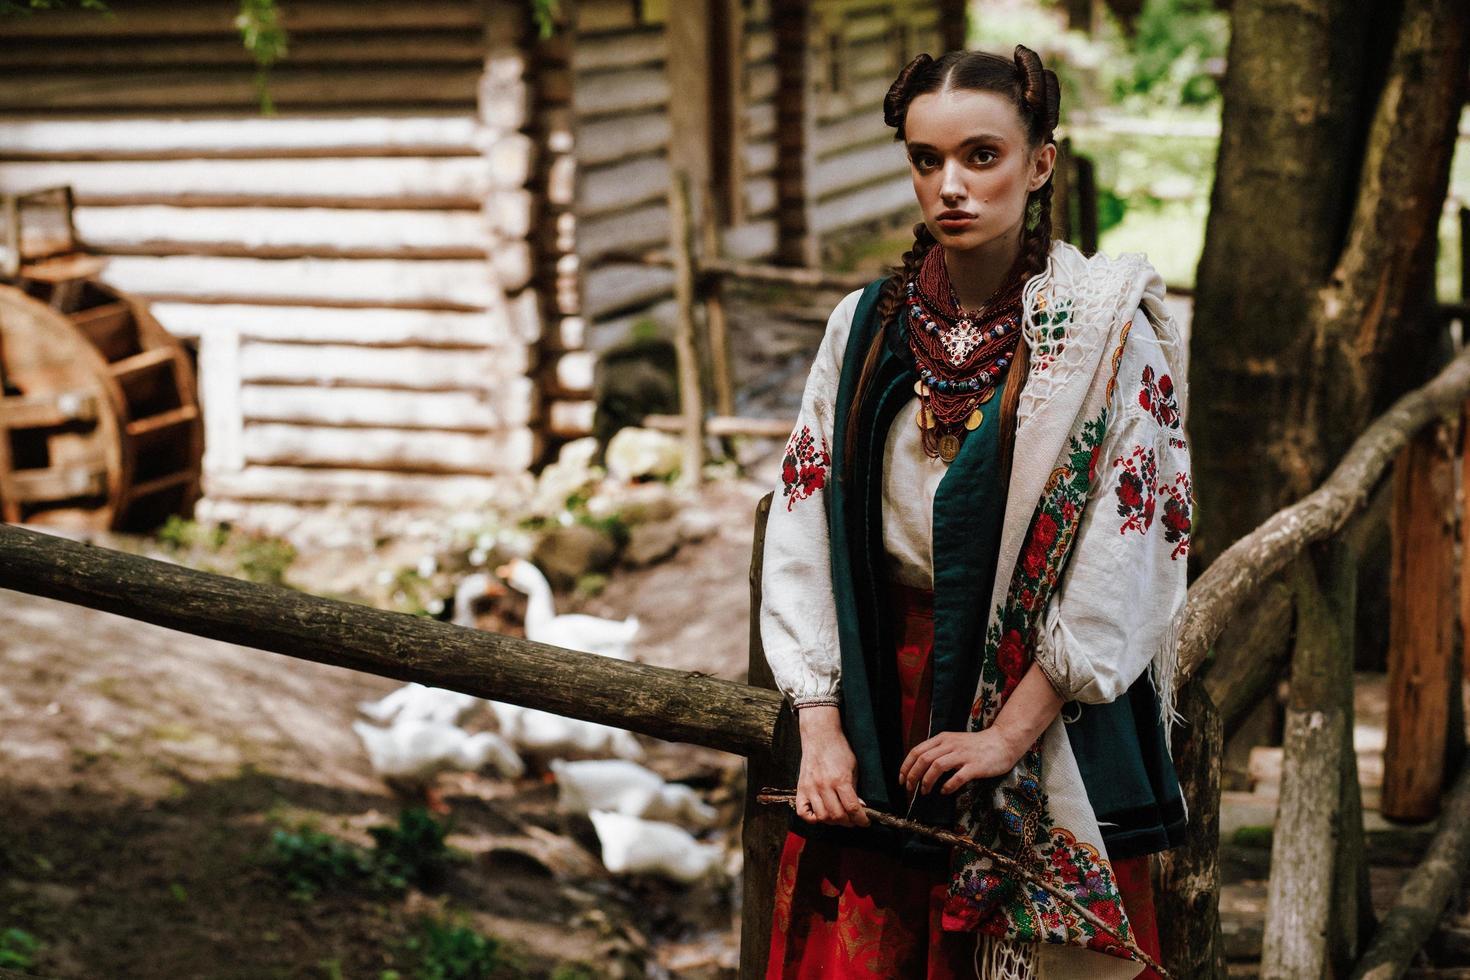 fille ukrainienne dans une robe brodée photo